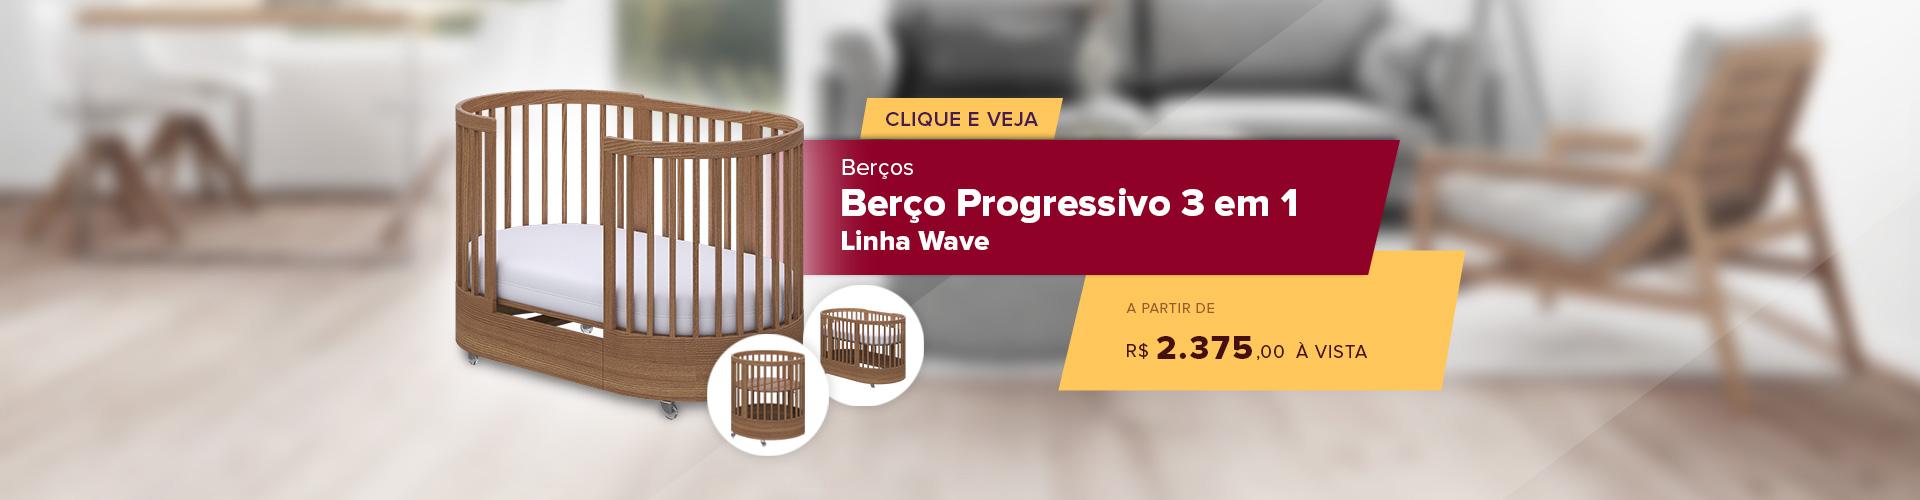 Berço Progressivo 3 em 1 - Linha Wave